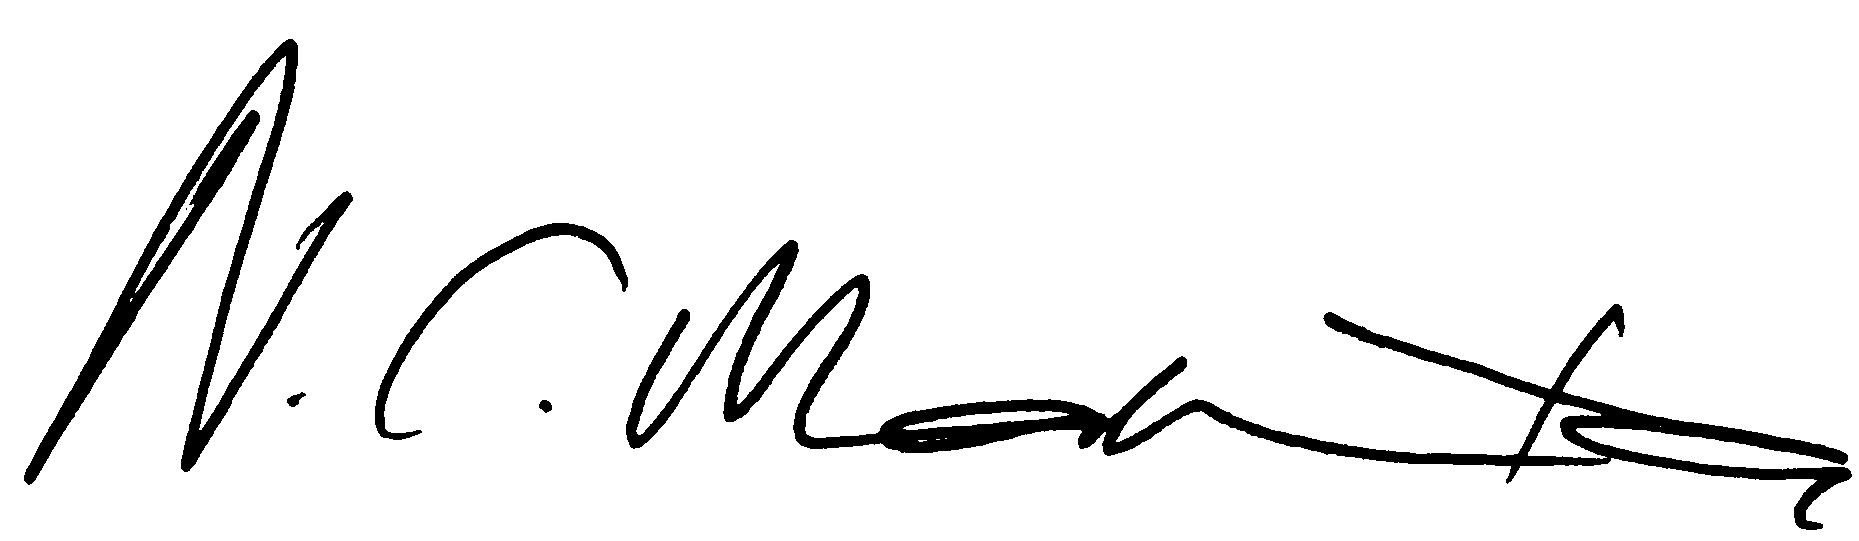 Signature.doc.png